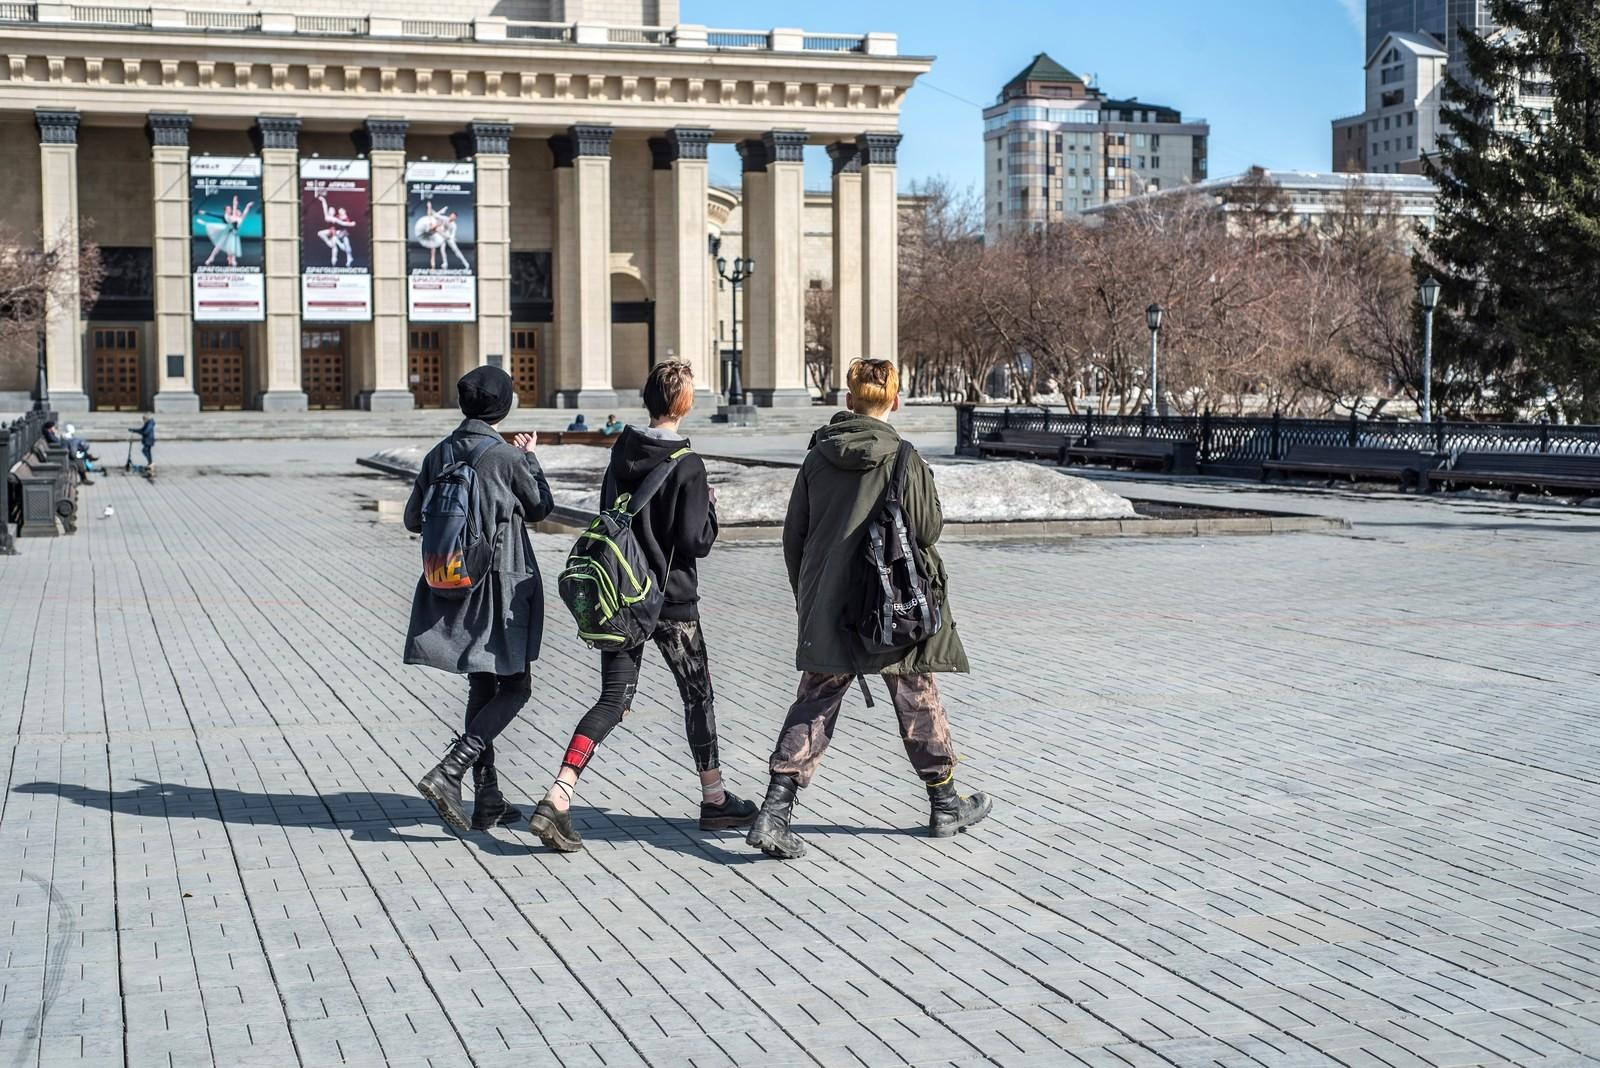 фото Штрафы за несоблюдение режима самоизоляции в Новосибирске: ответы юриста на 5 самых важных вопросов 3